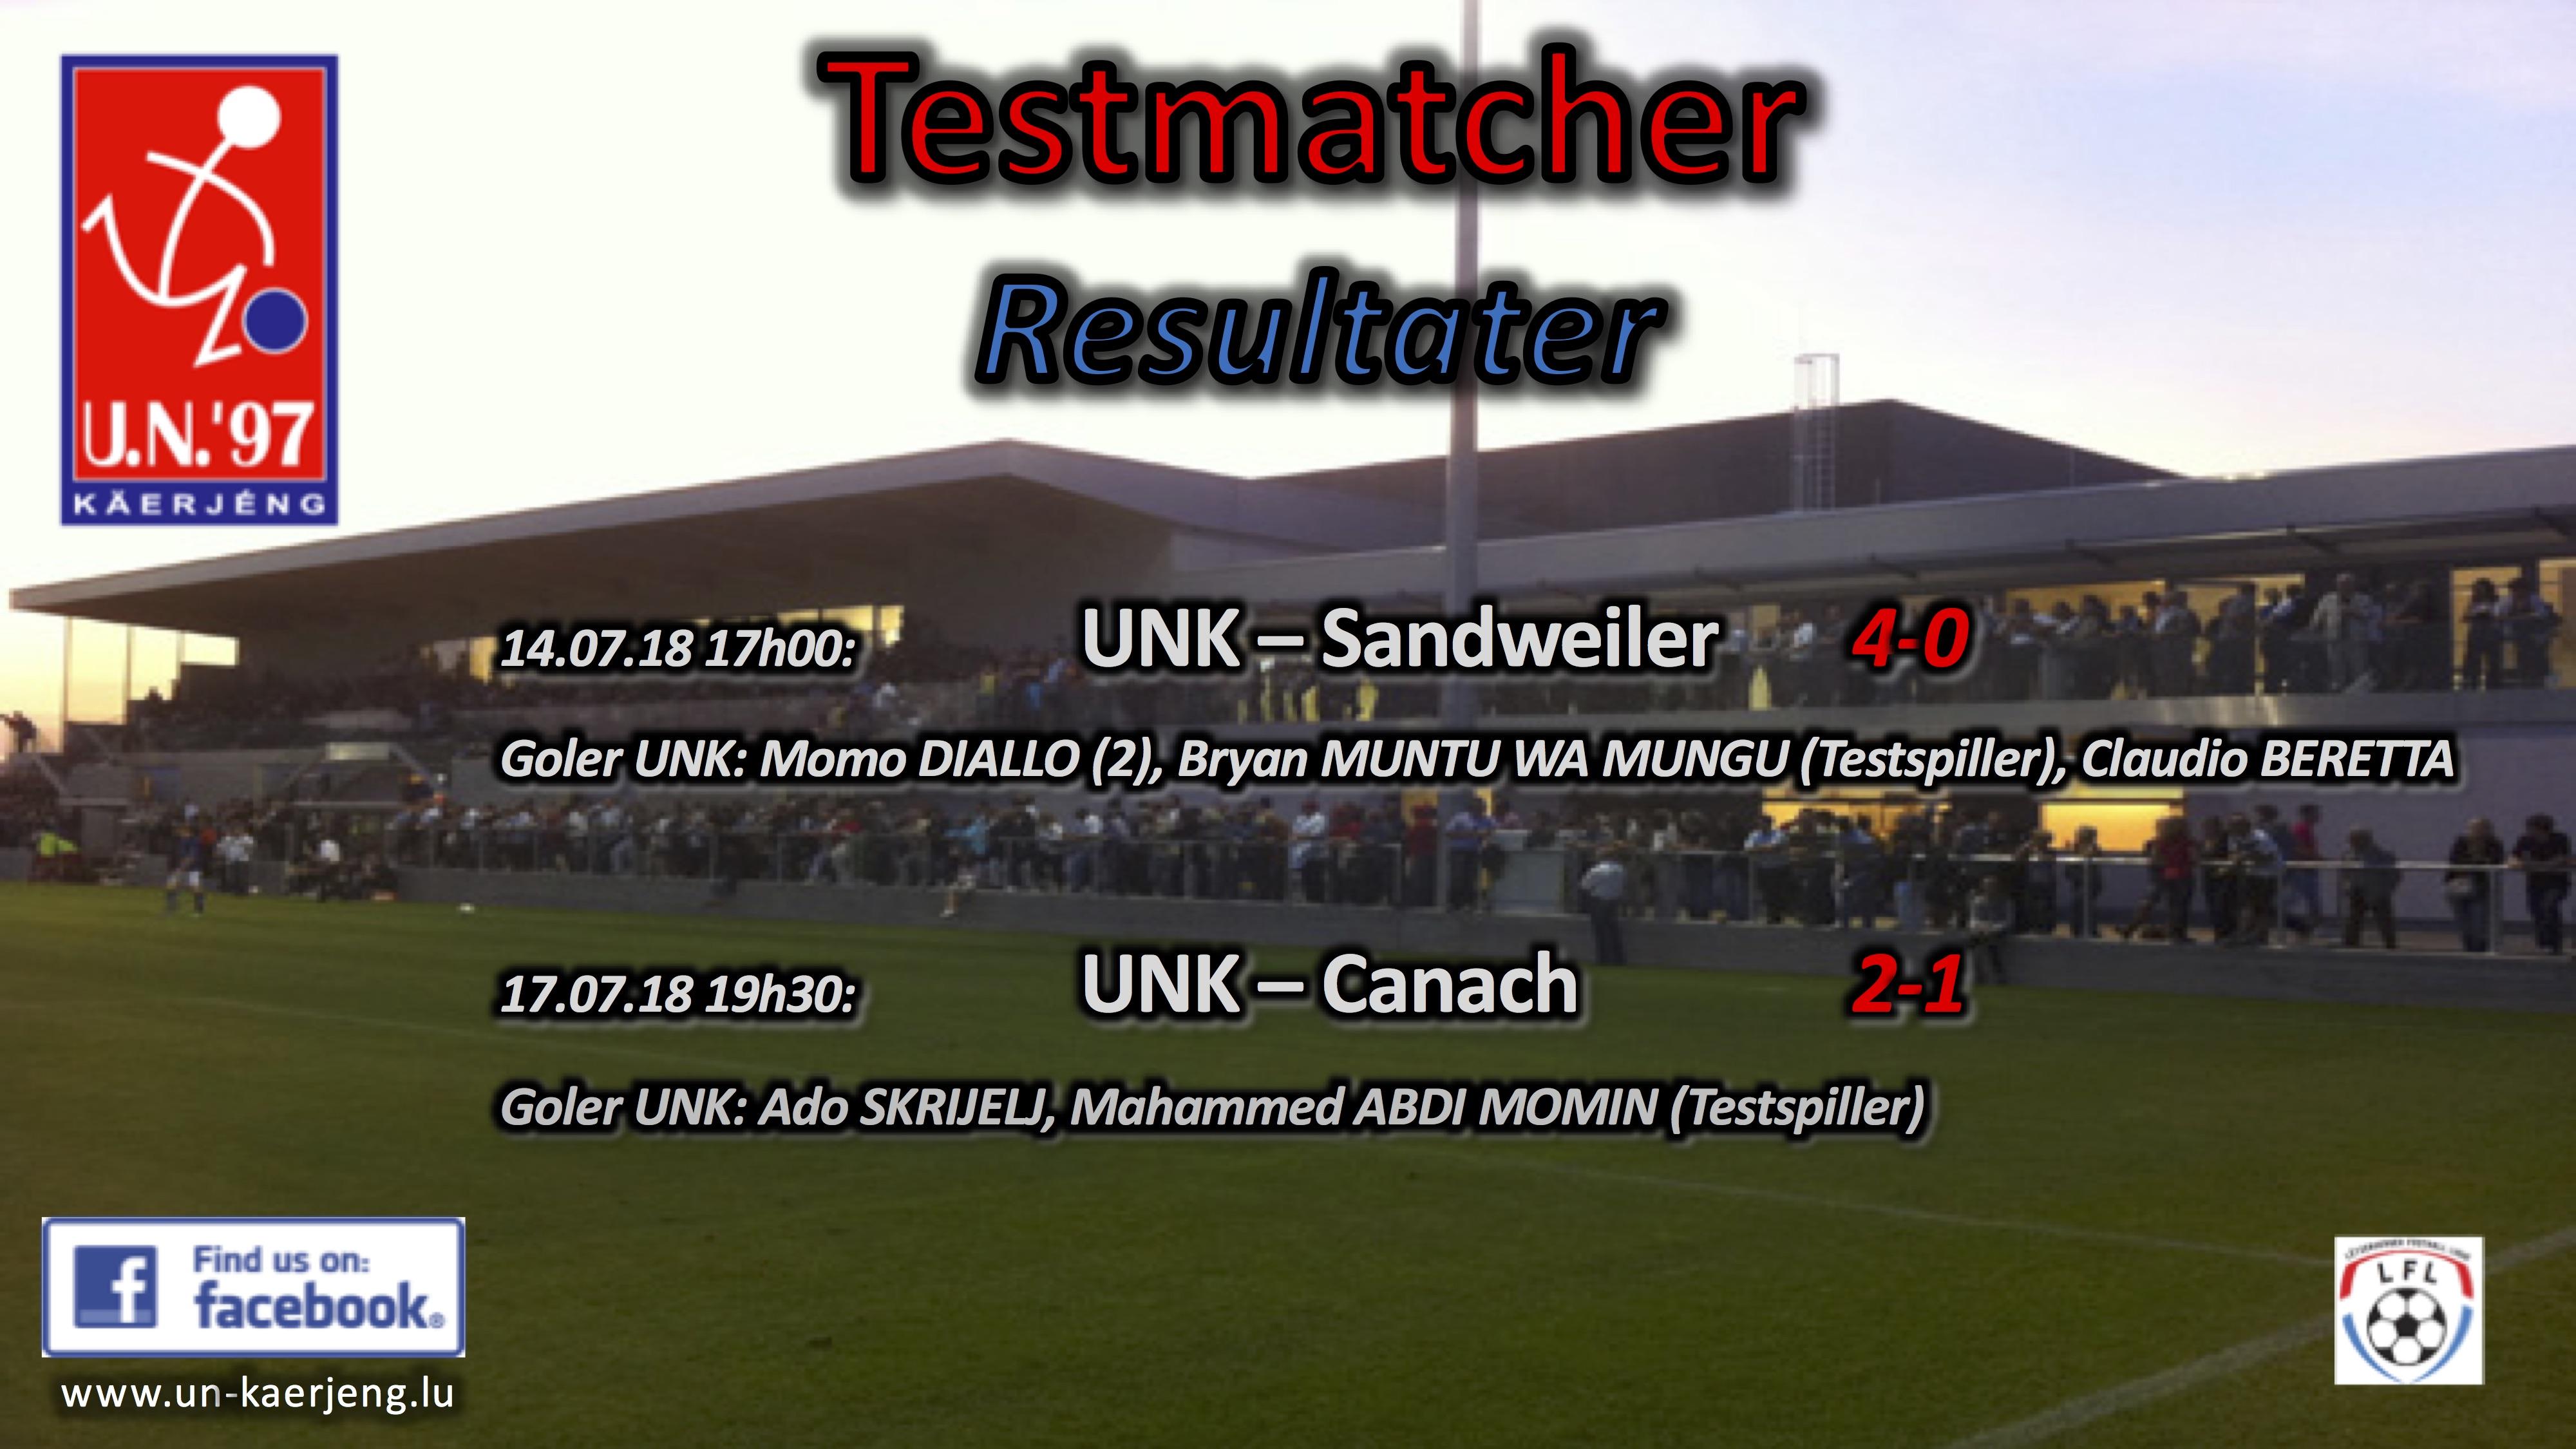 *** Resultater Testmatcher ***